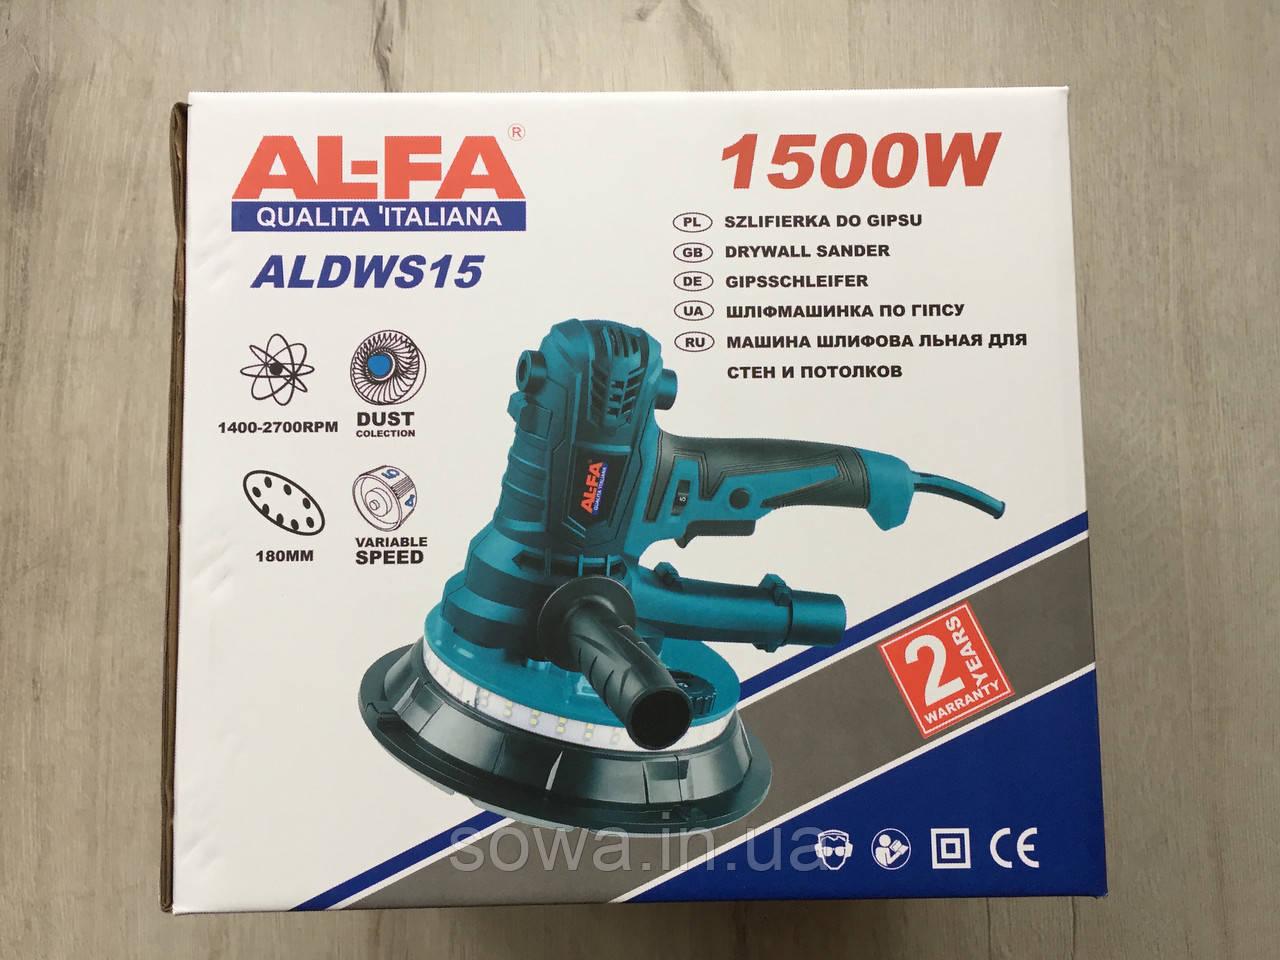 Шлифовальная машина по штукатурке AL-FA ALDWS15 с подсветкой - фото 10